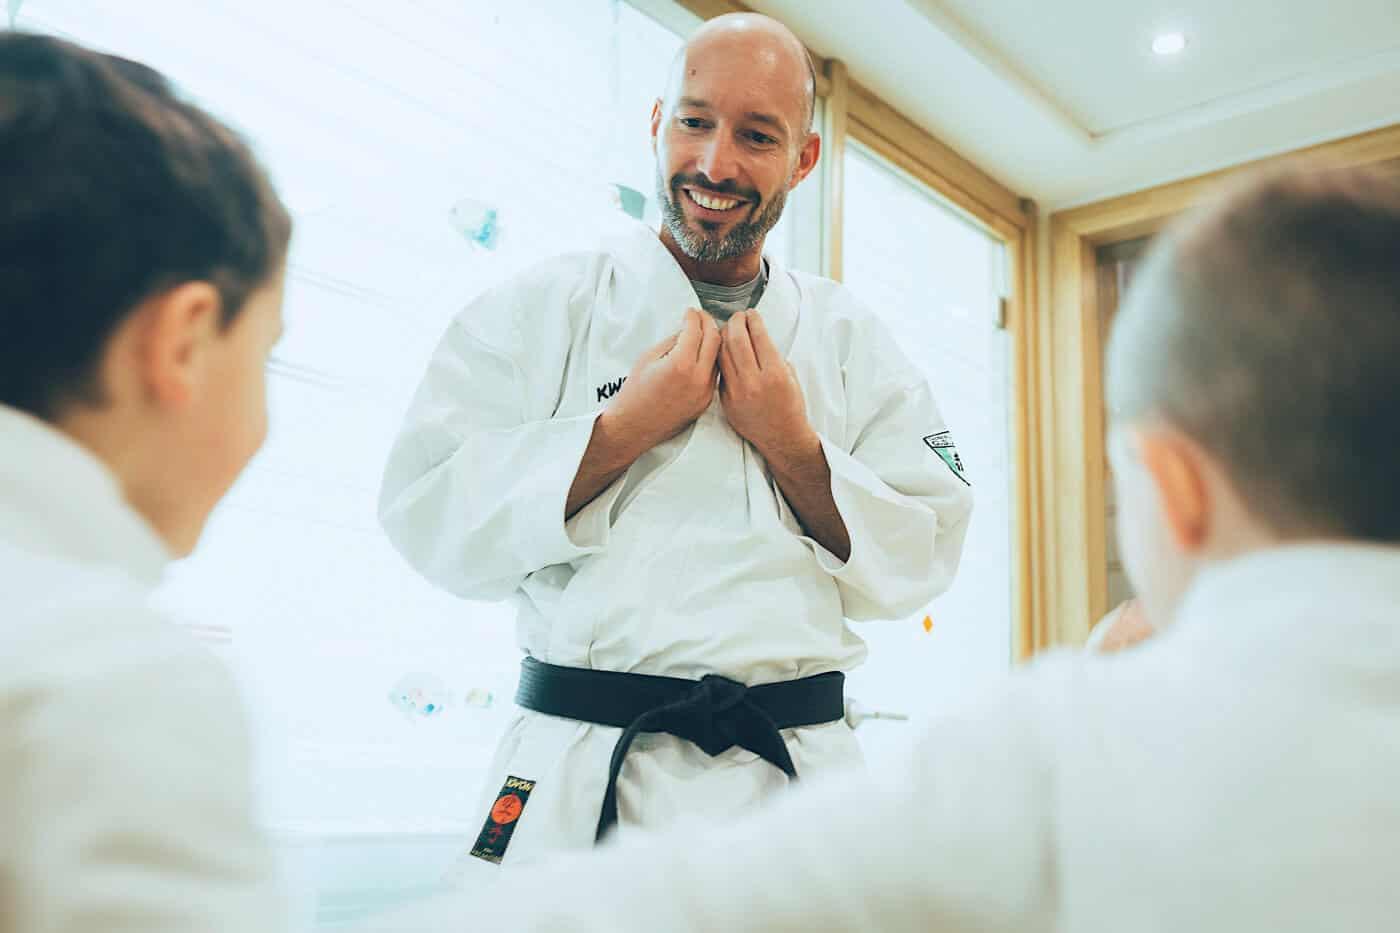 Scopri il corso di Baby Karate Jitsu - Karate Jitsu